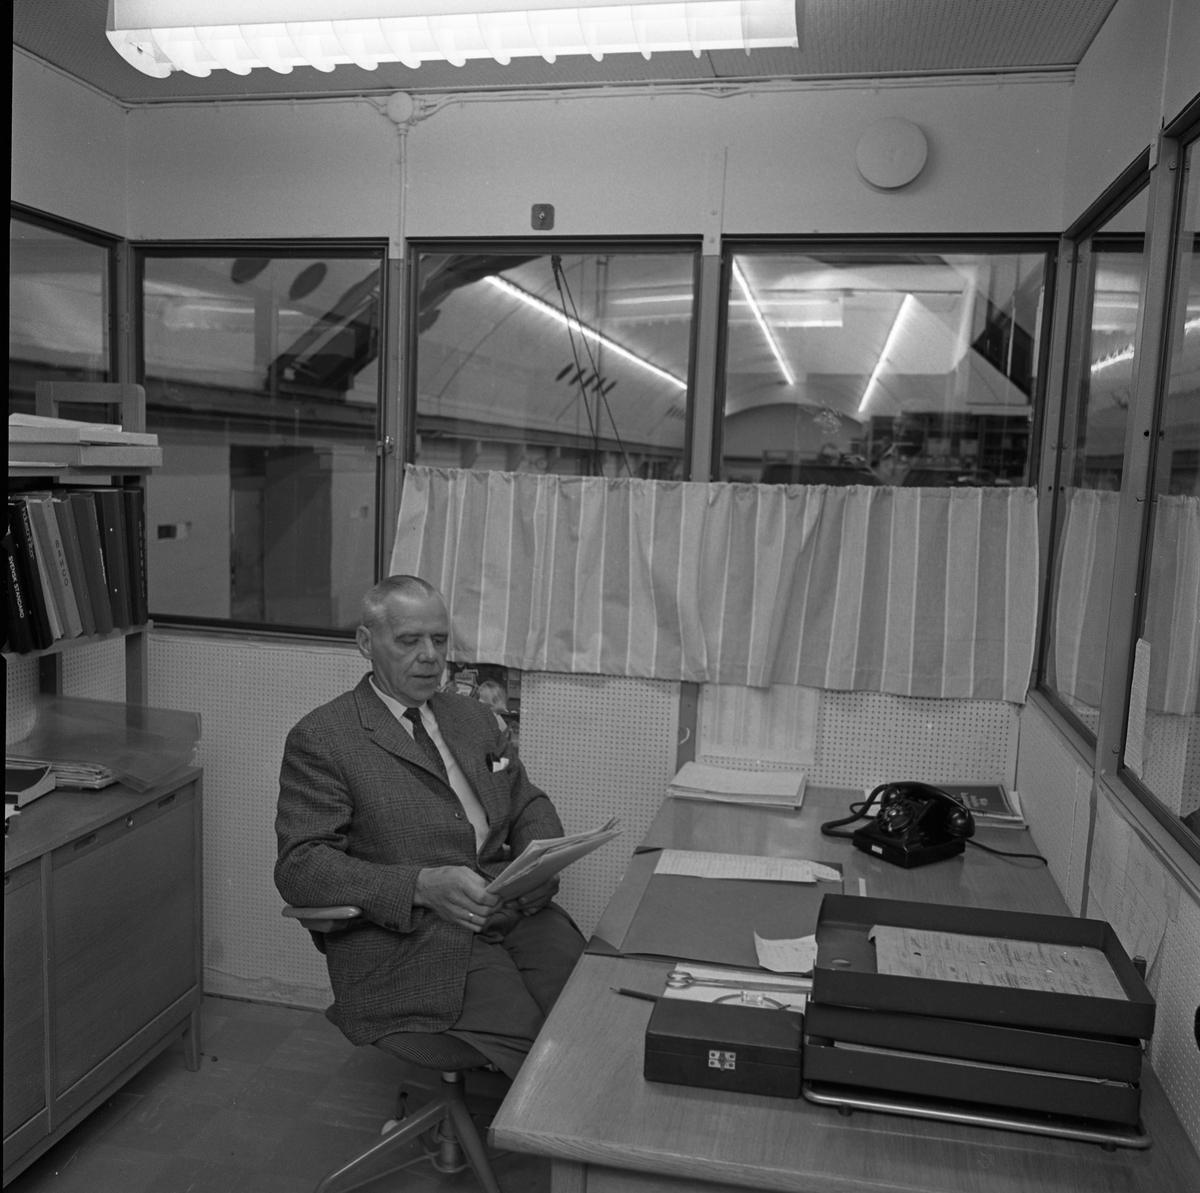 Alf Hedlund, maskinmästare, sitter på sitt kontor på Centrala Verkstaden Arboga. Han har en telefon på skrivbordet och en bokhylla bakom ryggen.